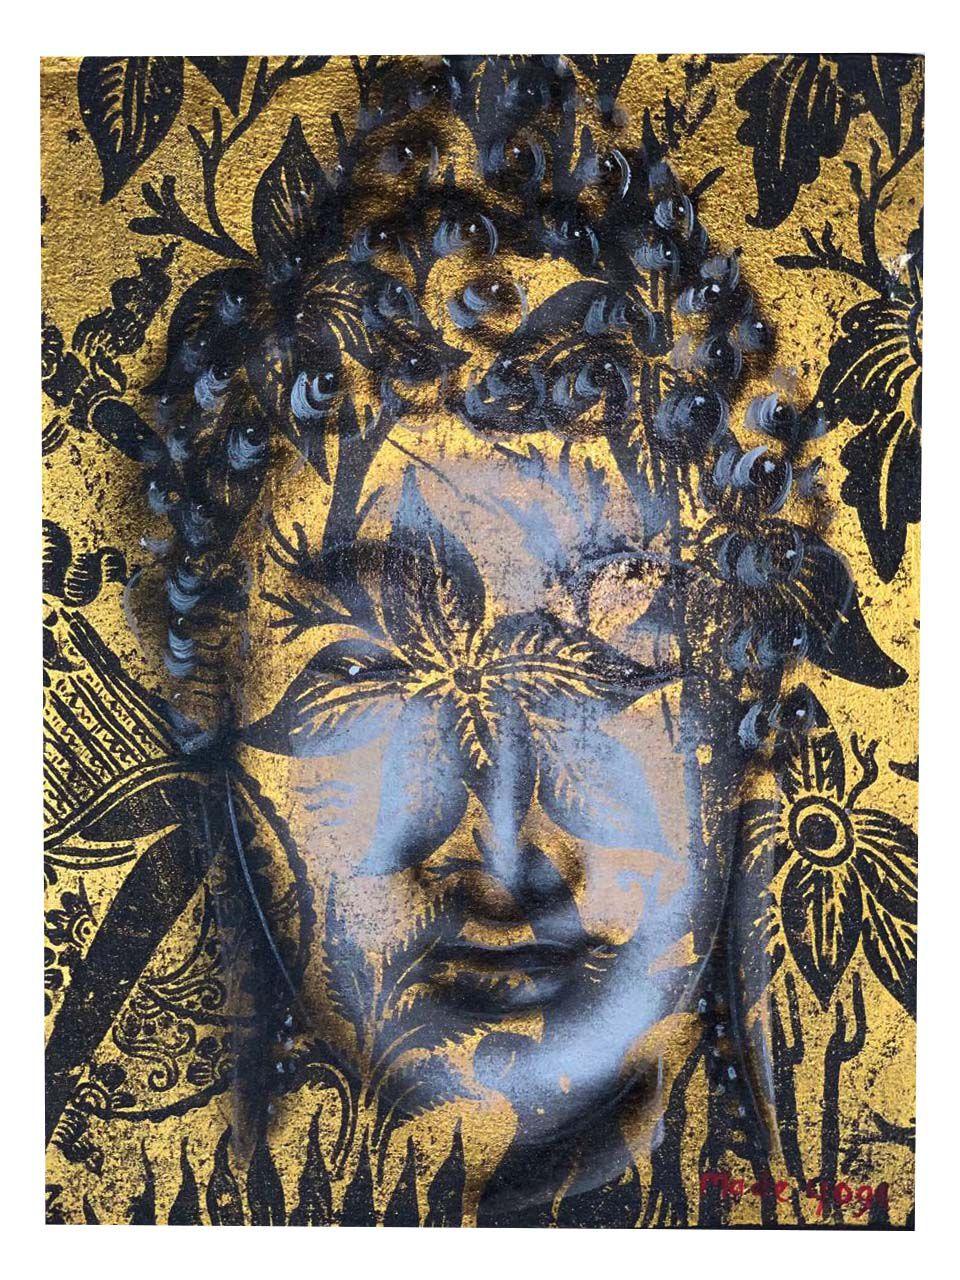 Pintura em Tela representando Buda Sidartha - Pintura a mão com Moldura em Madeira ( 40x30cm )